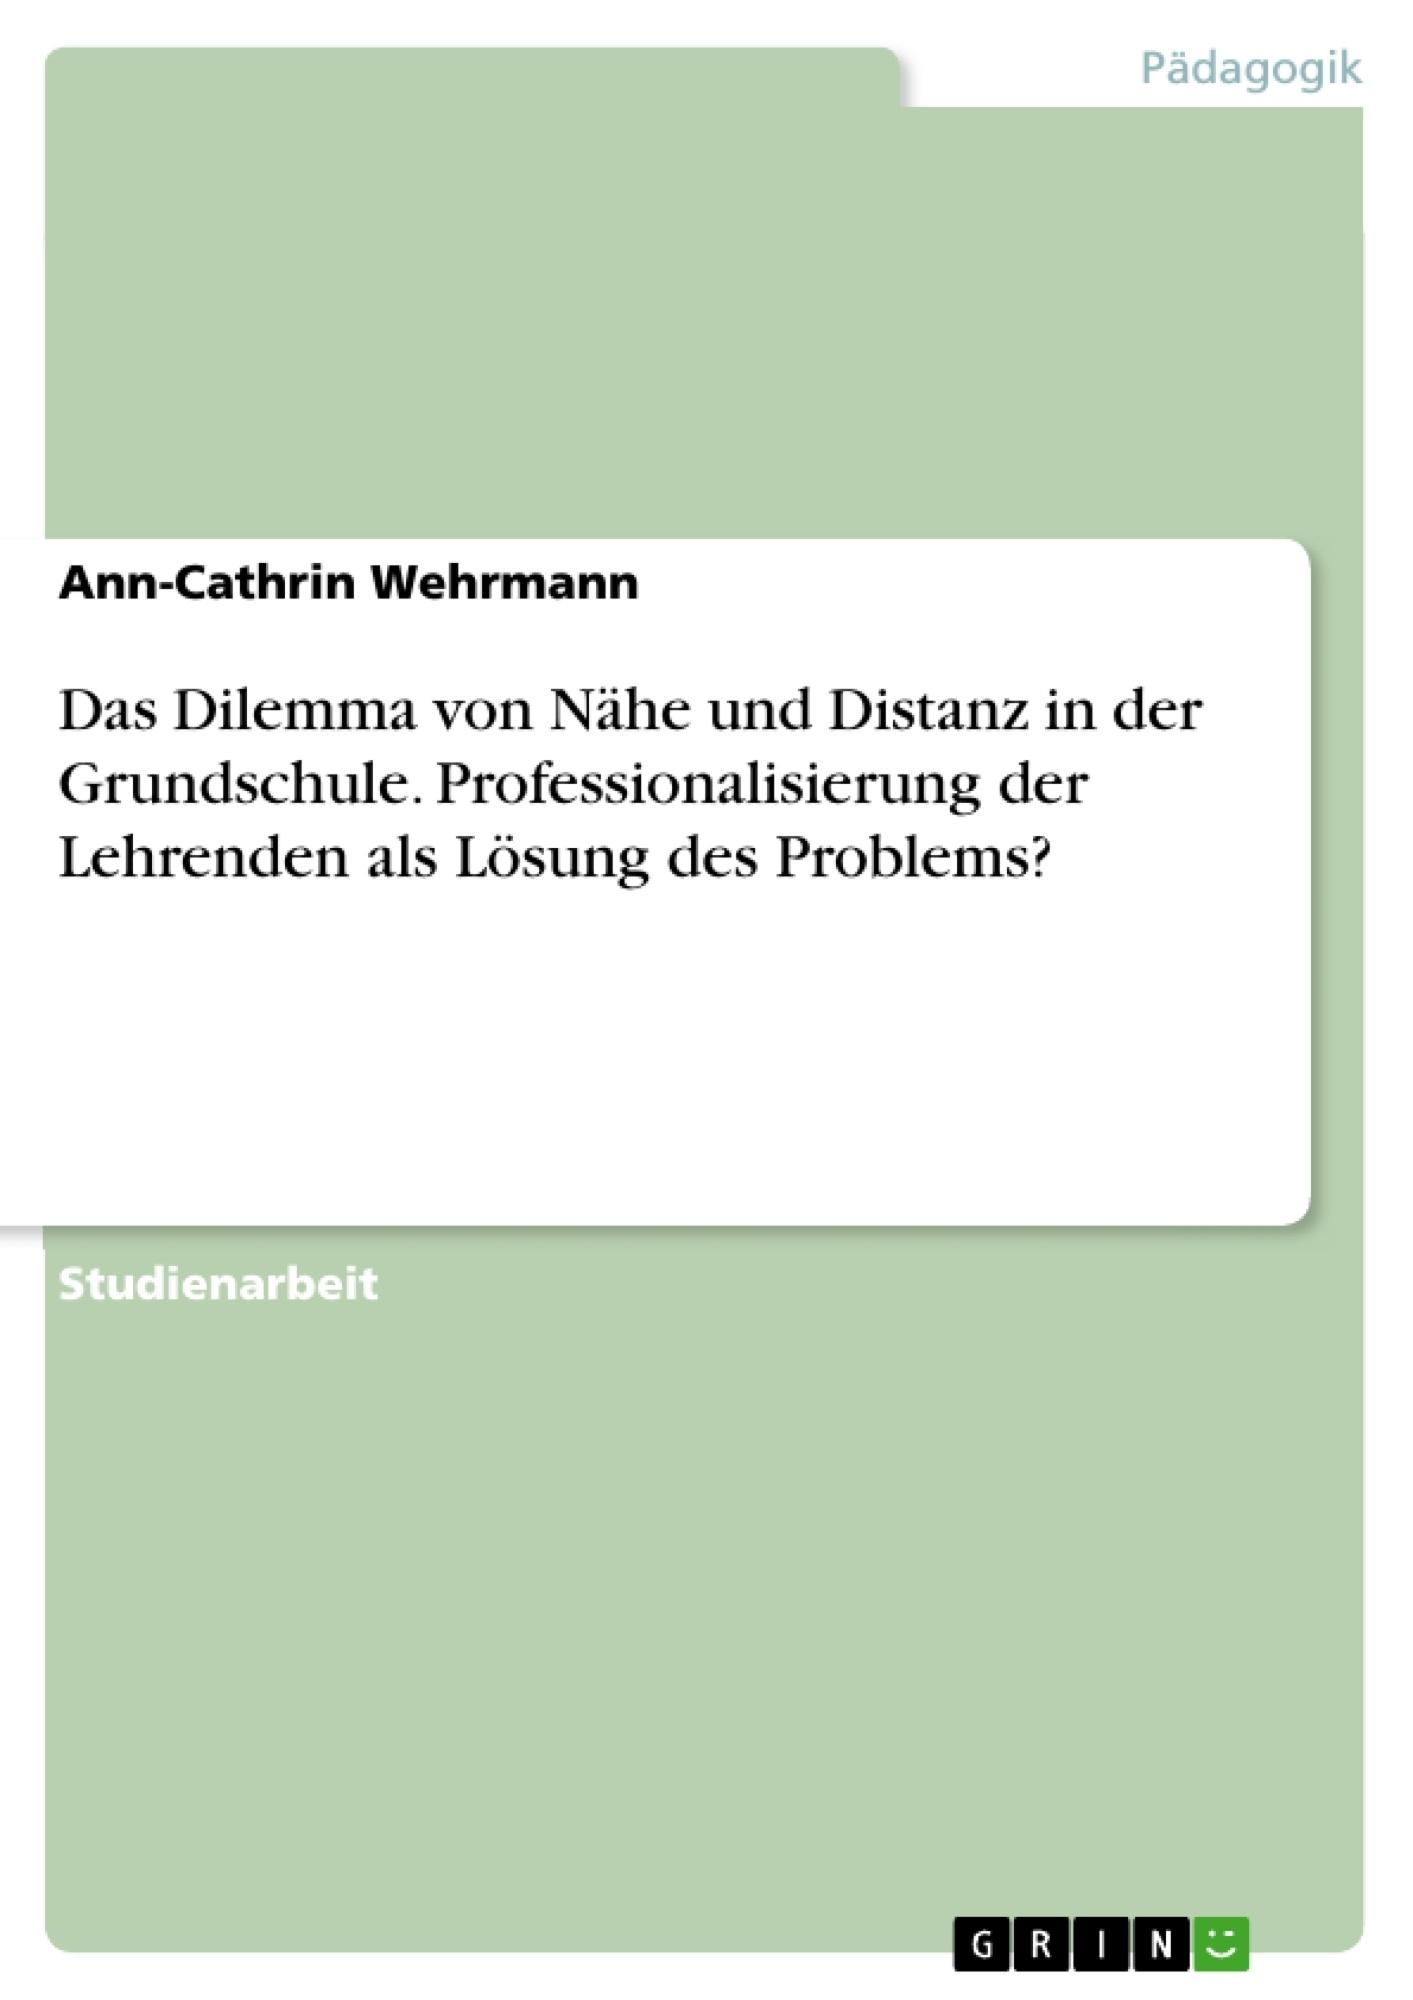 Titel: Das Dilemma von Nähe und Distanz in der Grundschule. Professionalisierung der Lehrenden als Lösung des Problems?